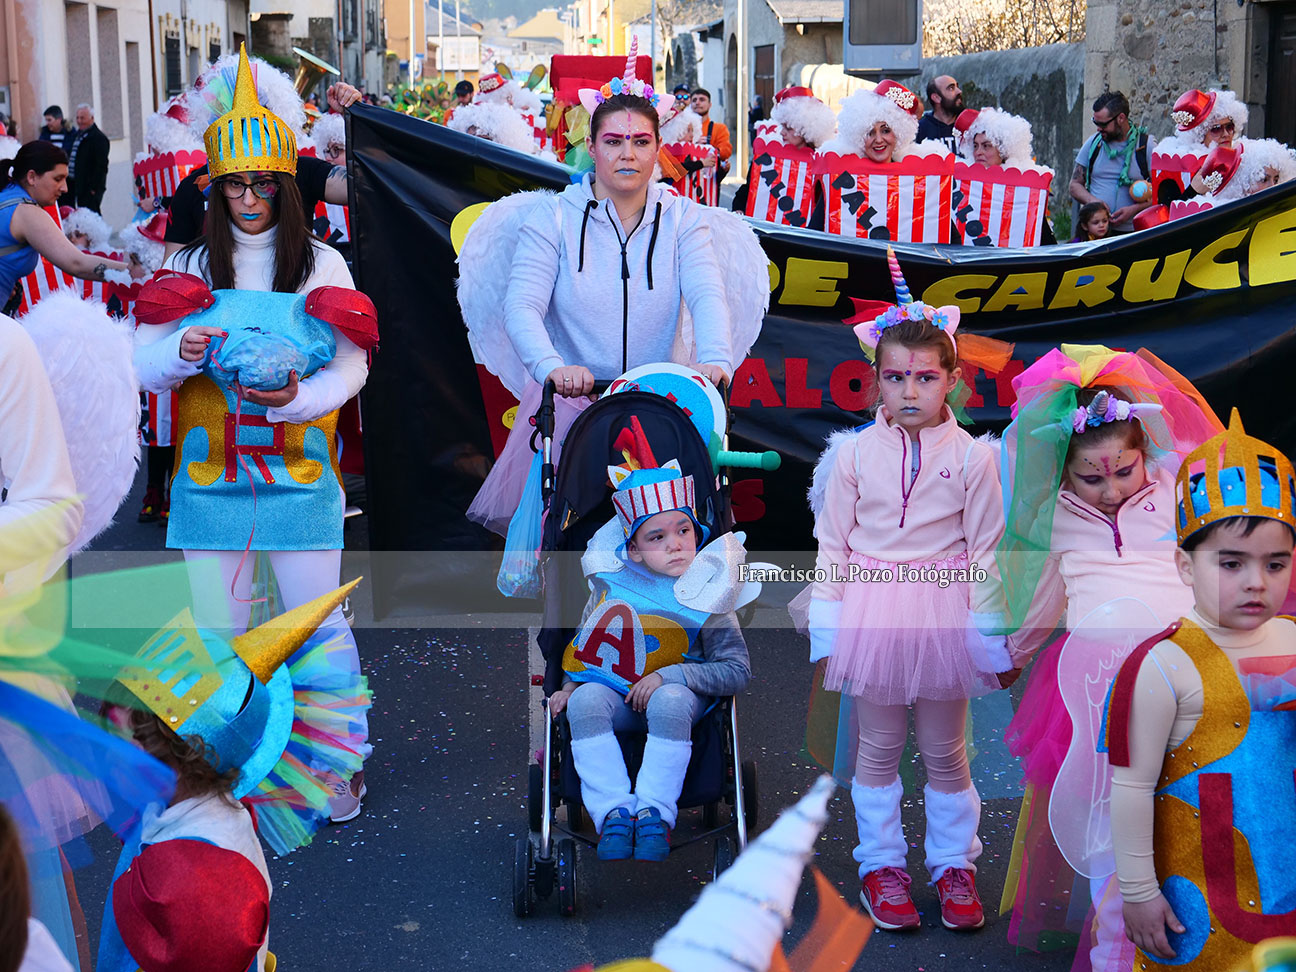 Carnaval 2020: Camponaraya sale a la calle a ritmo de comparsa 11